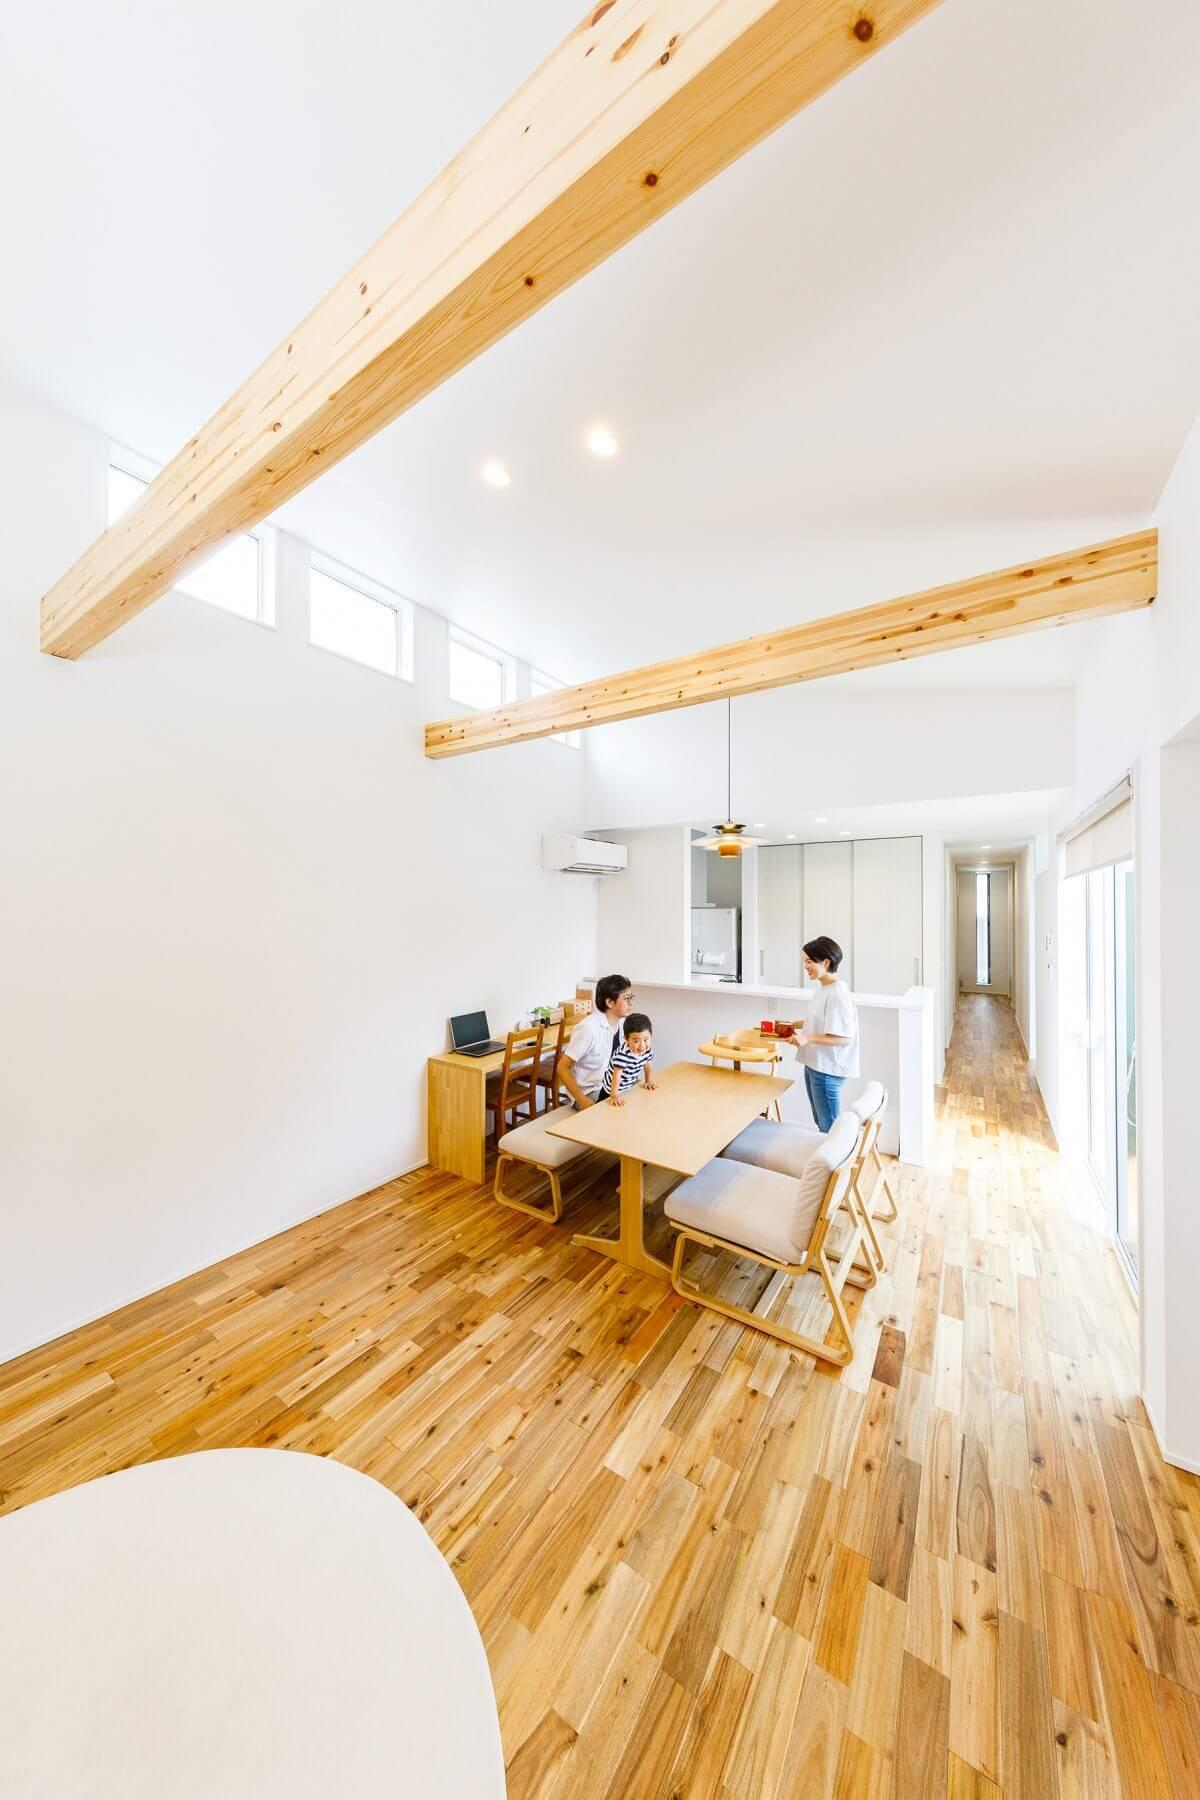 勾配天井を生かした吹き抜けが開放感を演出するLDK。天井の梁をダイナミックに見せることで、木のぬくもりをプラス。お隣の住宅からの視線が気にならないように、ハイサイド窓から光を採る設計としました。